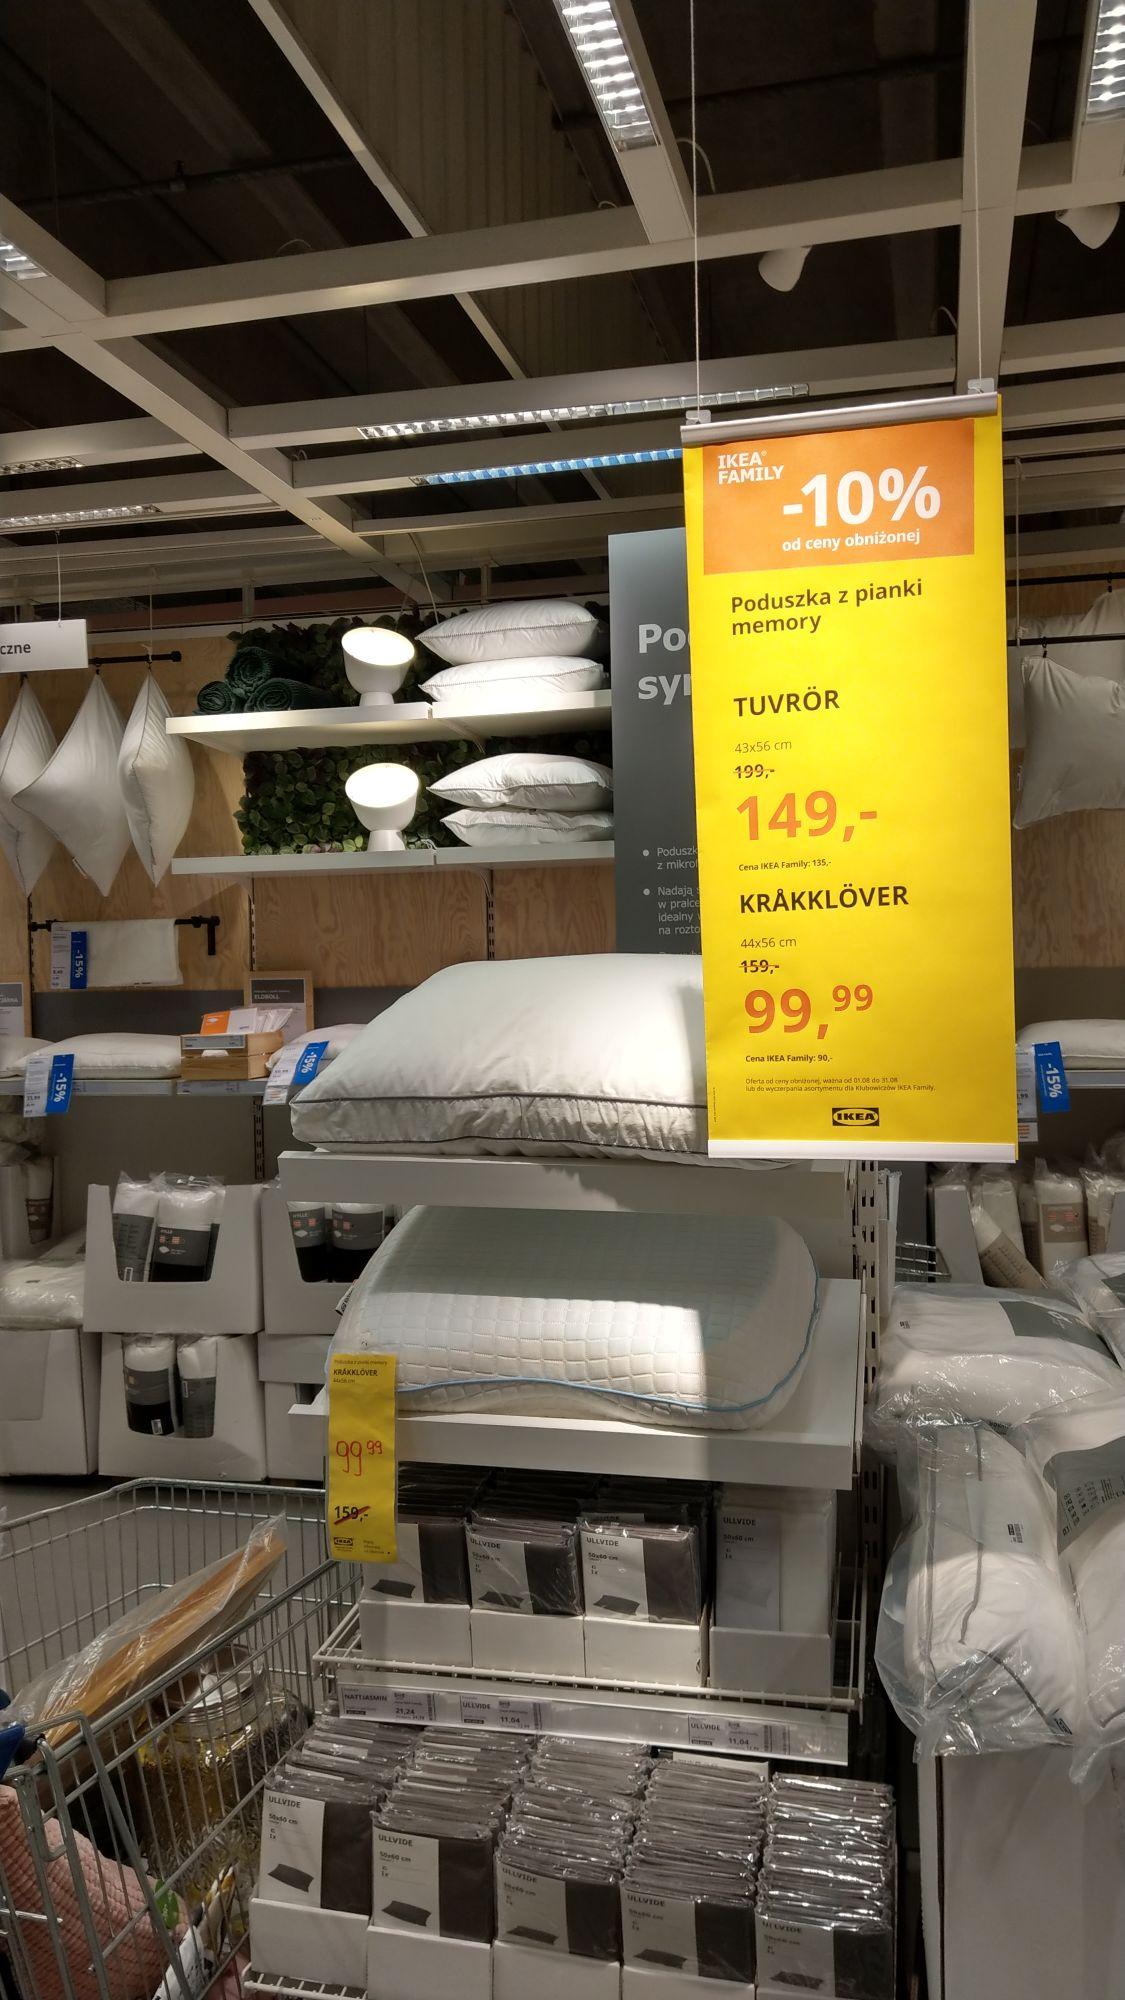 Poduszki z pianki memory Koniec Serii - IKEA Katowice